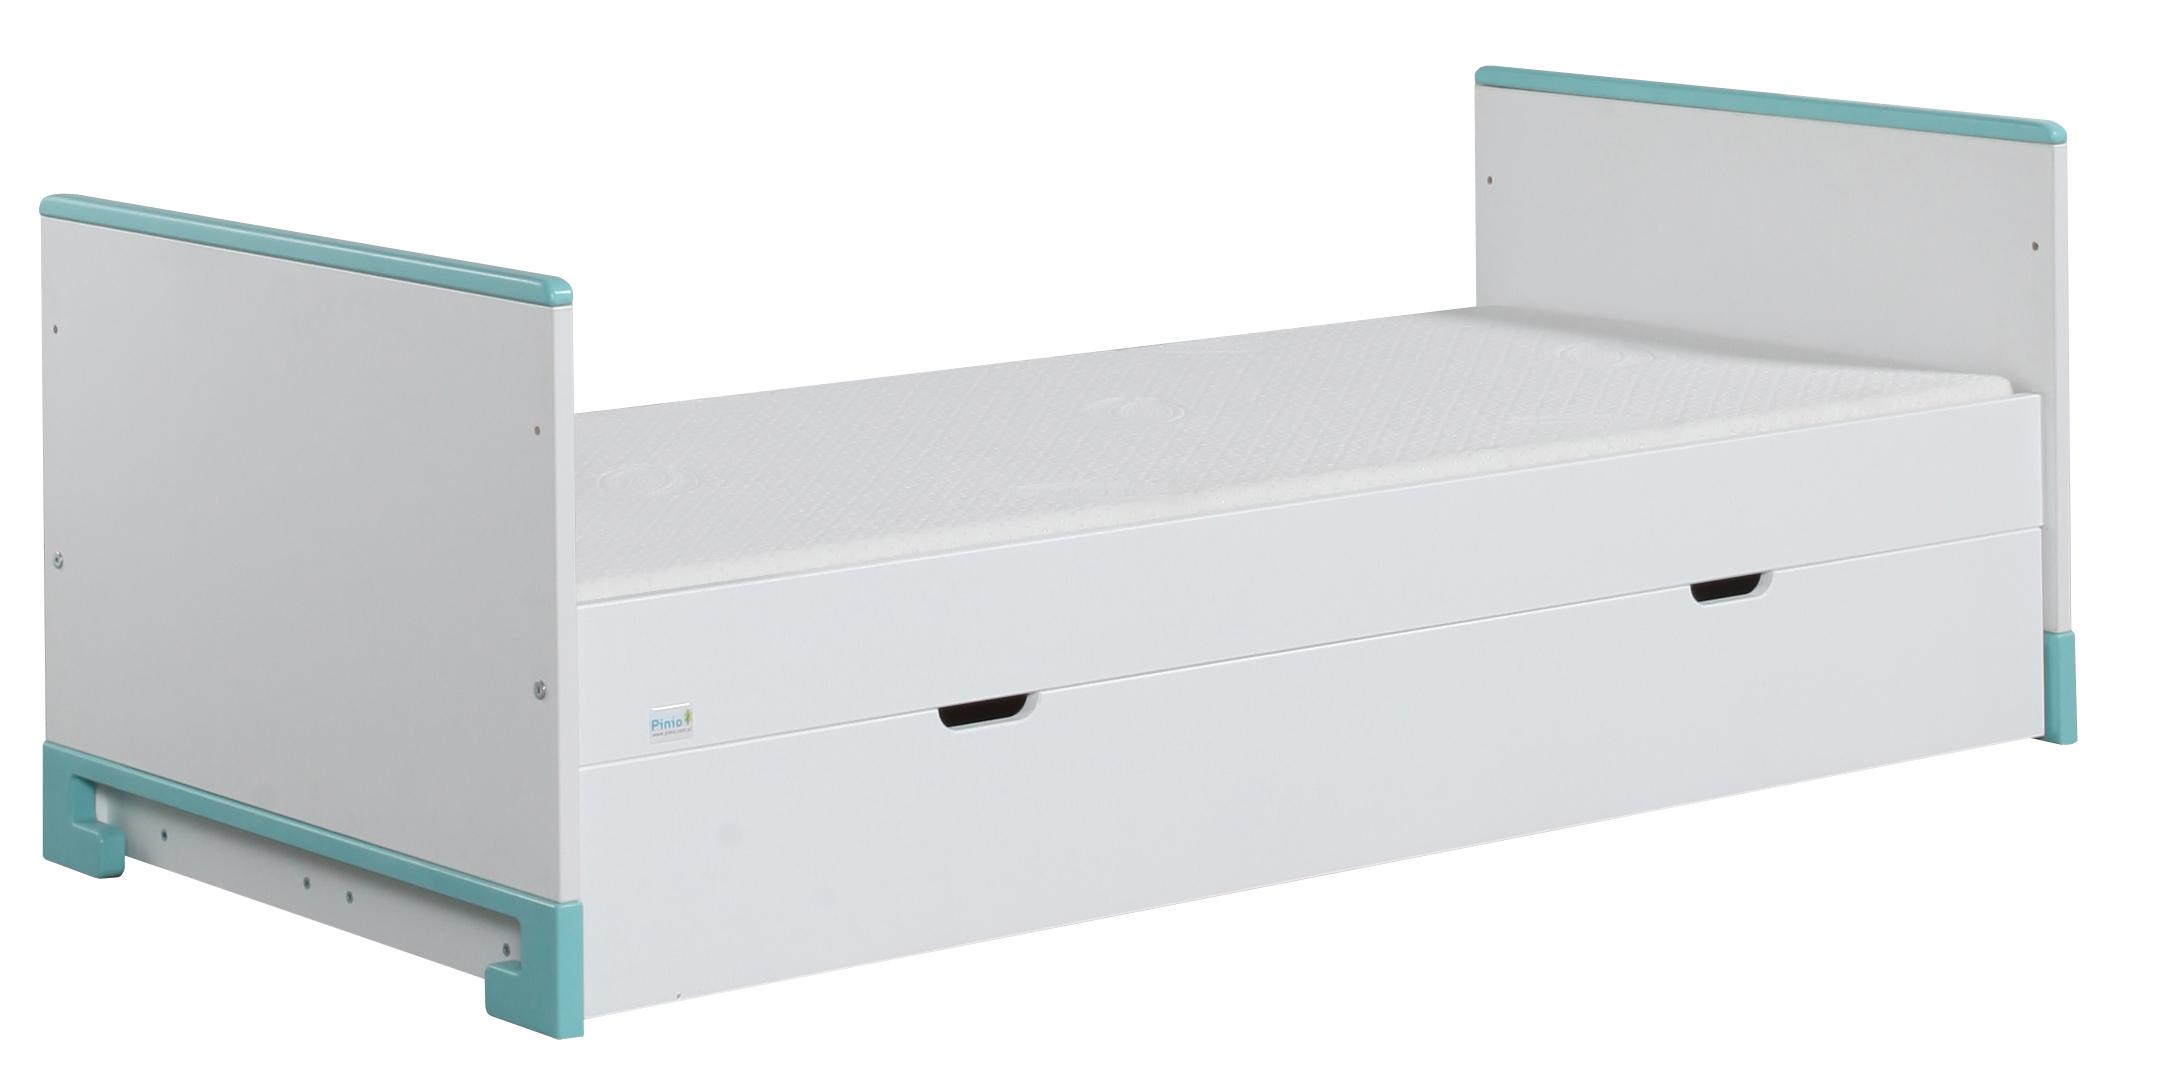 juniorbett toto 160x70 cm rosa oder t rkis lampen und leuchten online. Black Bedroom Furniture Sets. Home Design Ideas